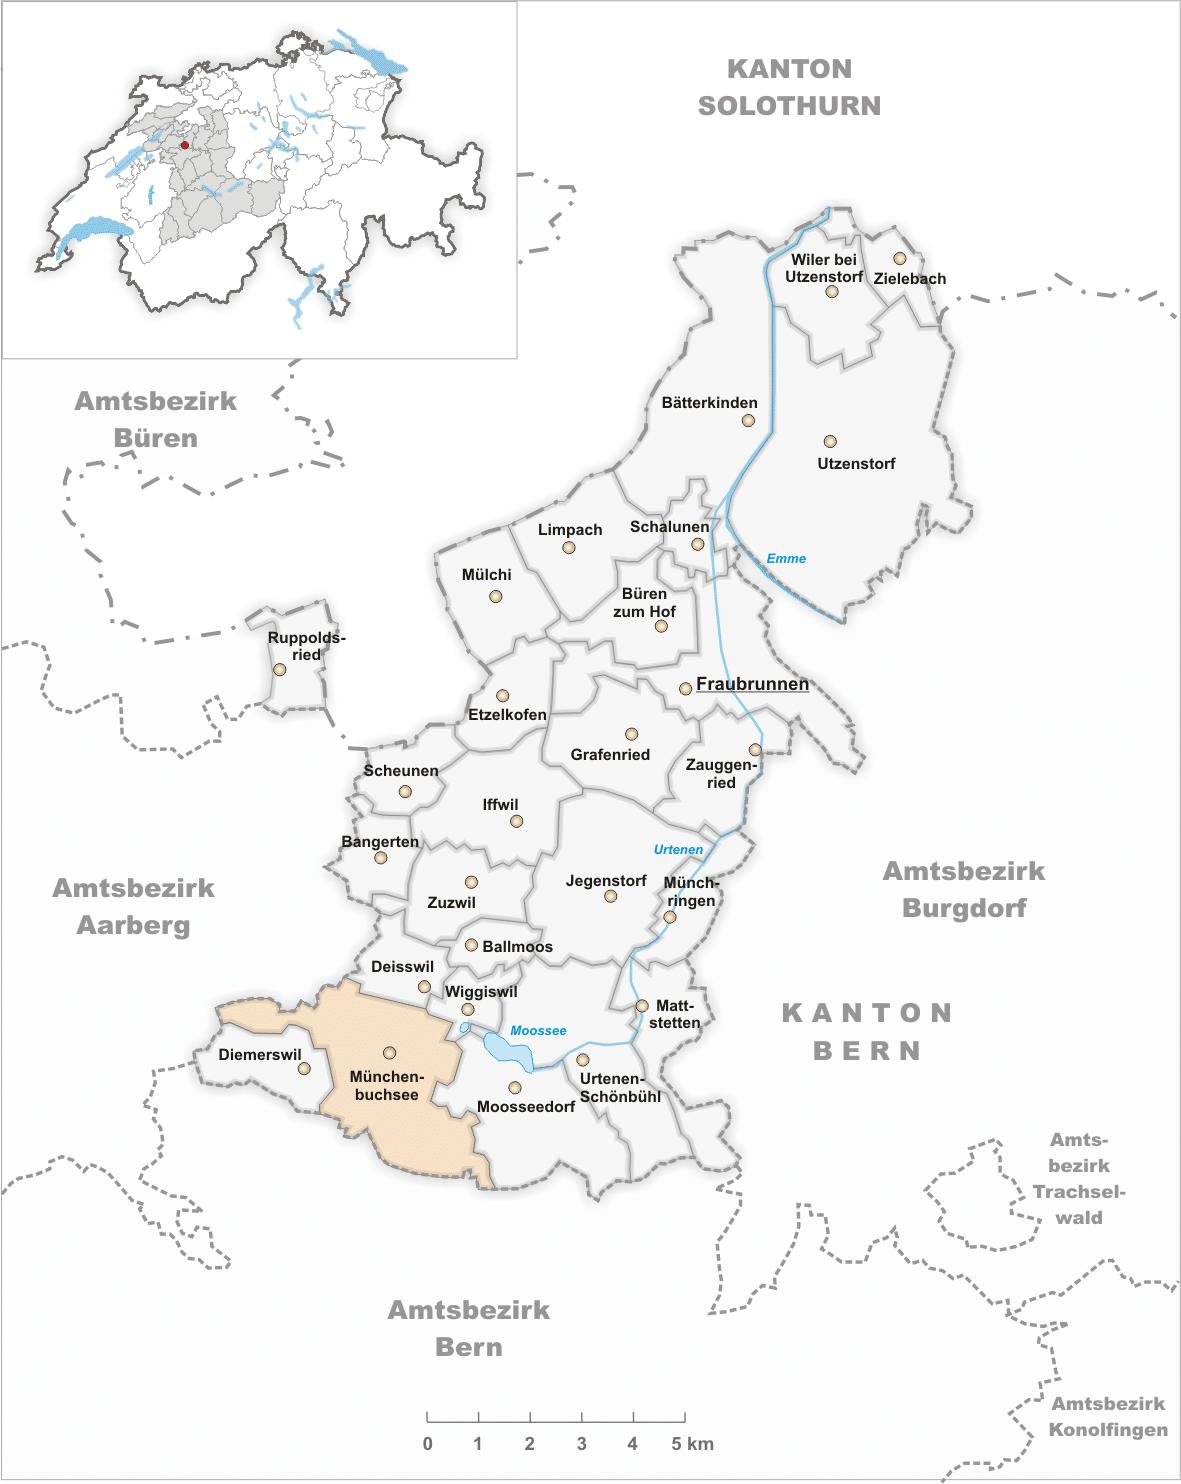 Münchenbuchsee